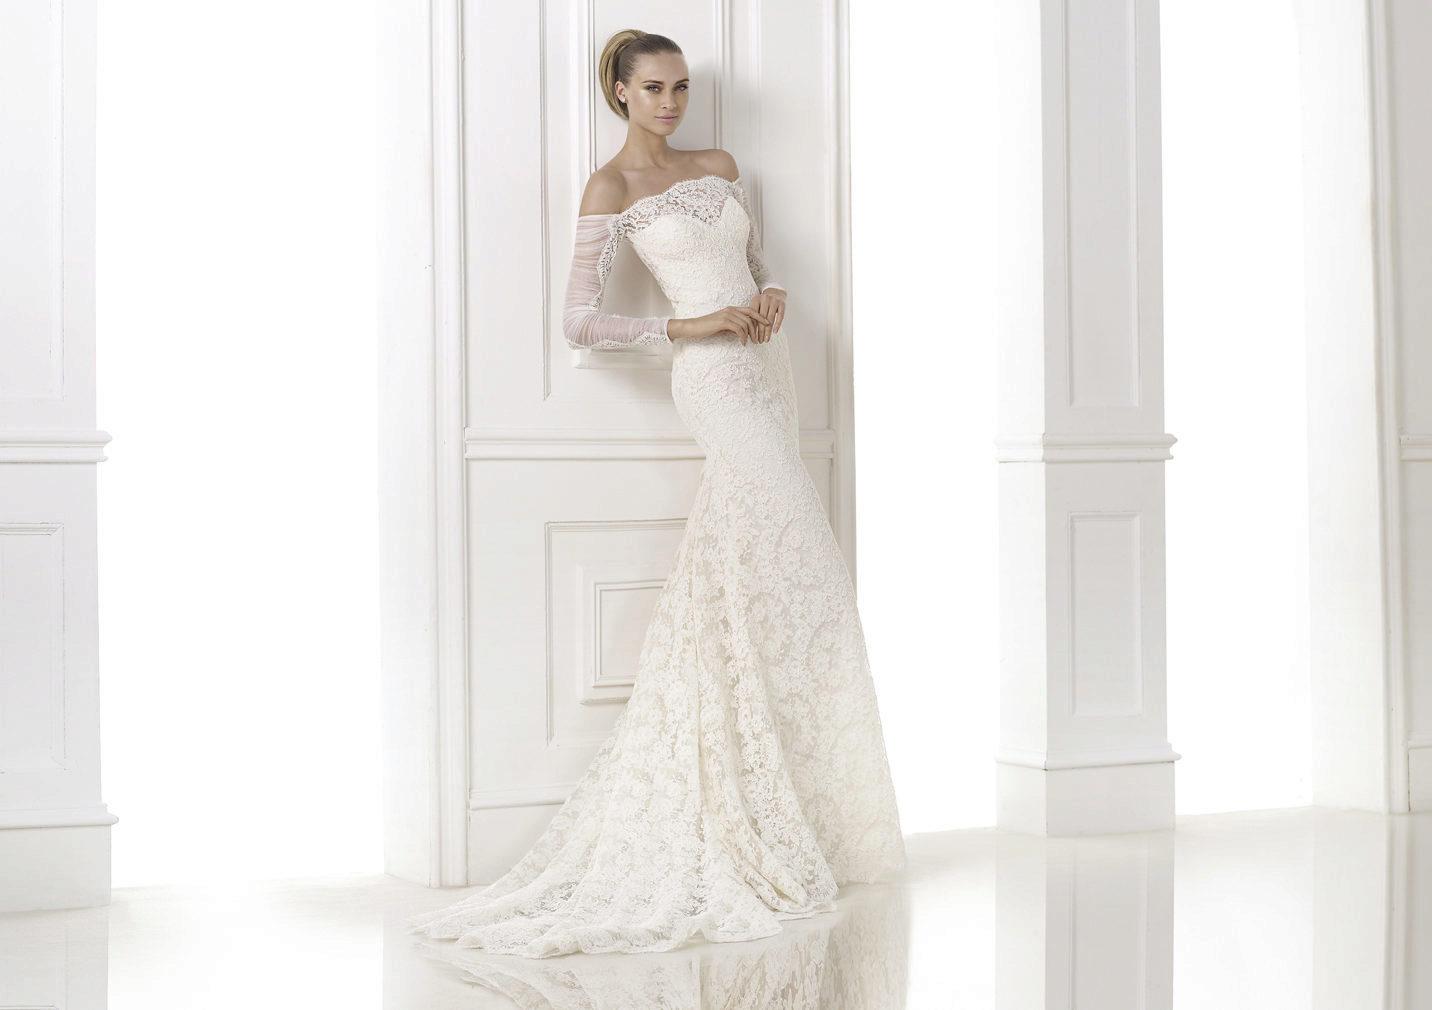 Элитные свадебные платья: лучшие бренды и коллекции (77 фото) рекомендации